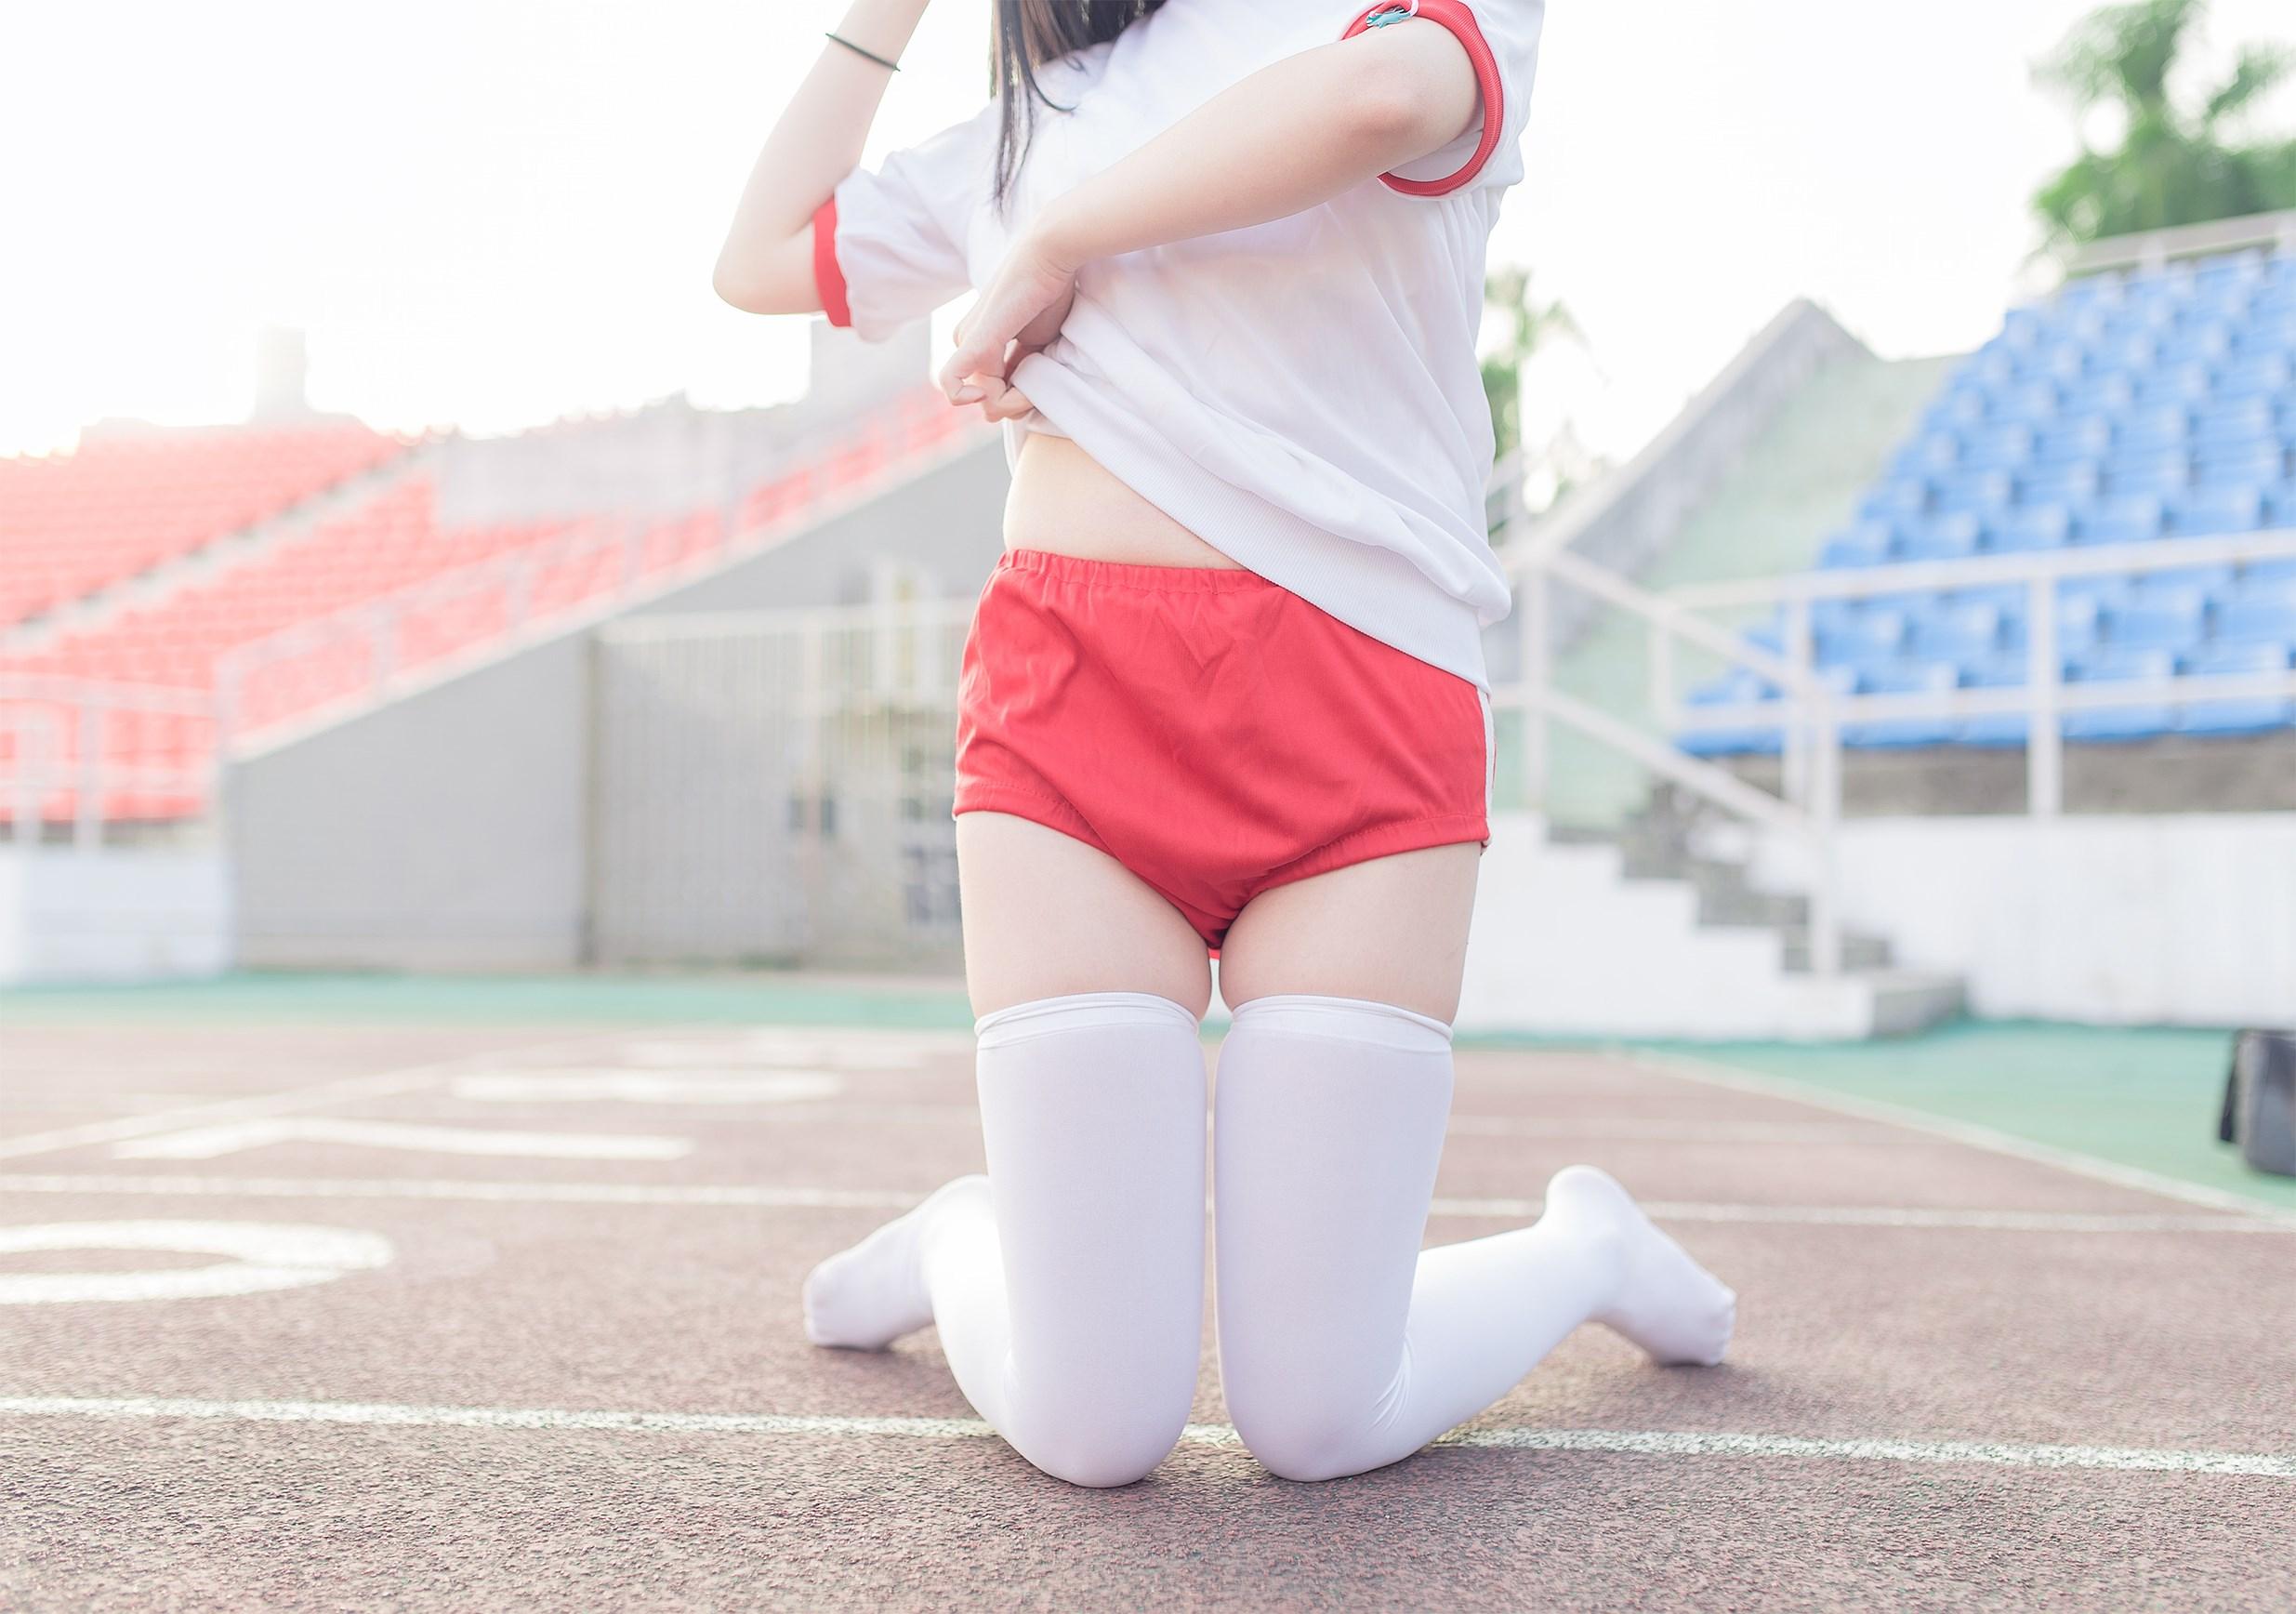 【兔玩映画】好像去上体育课! 兔玩映画 第36张